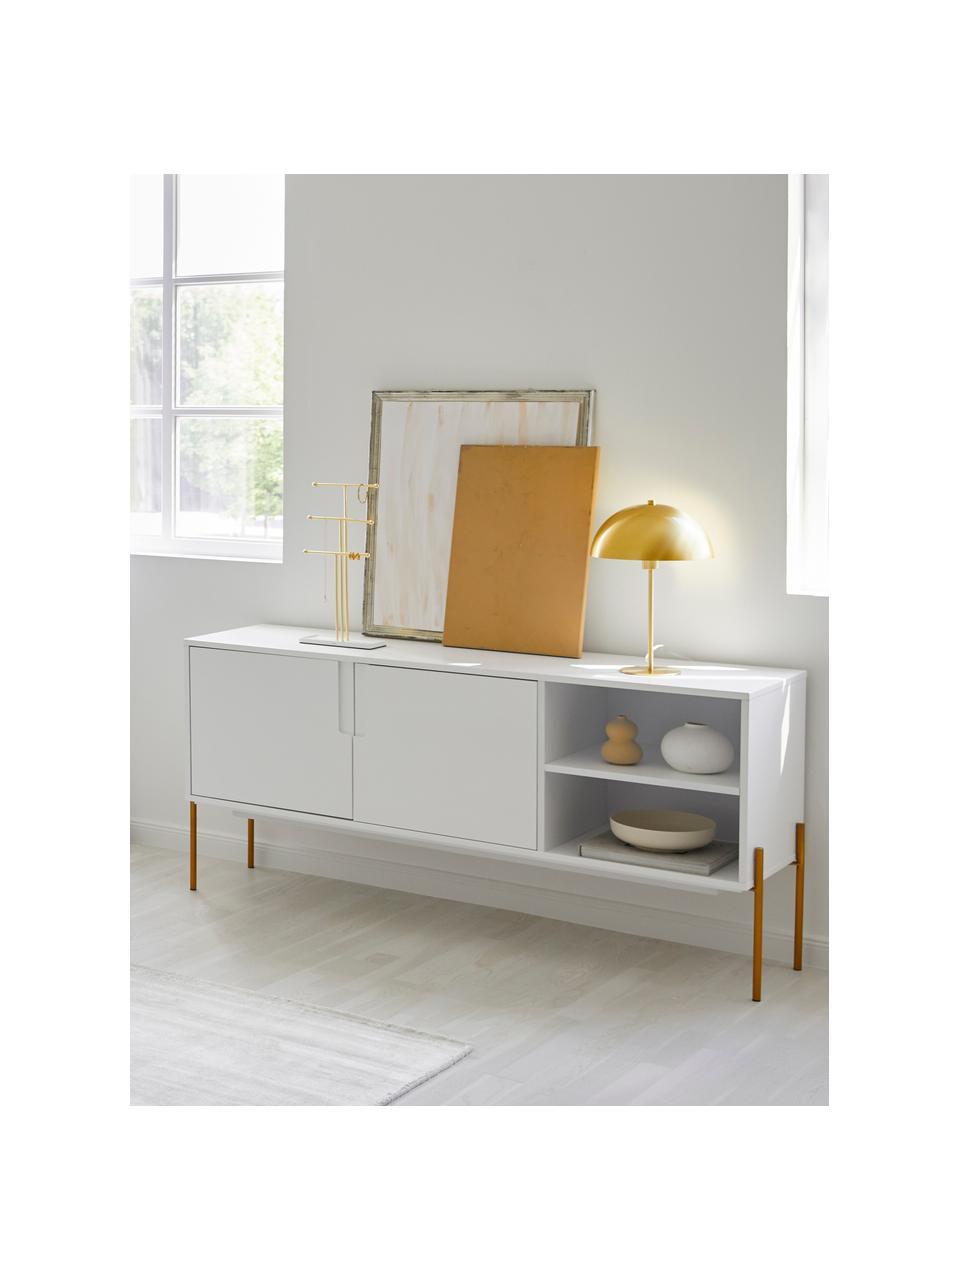 Sideboard Jesper mit Türen in Weiß, Korpus: Mitteldichte Holzfaserpla, Füße: Metall, lackiert, Korpus: Weiß Füße: Goldfarben, glänzend, 160 x 80 cm